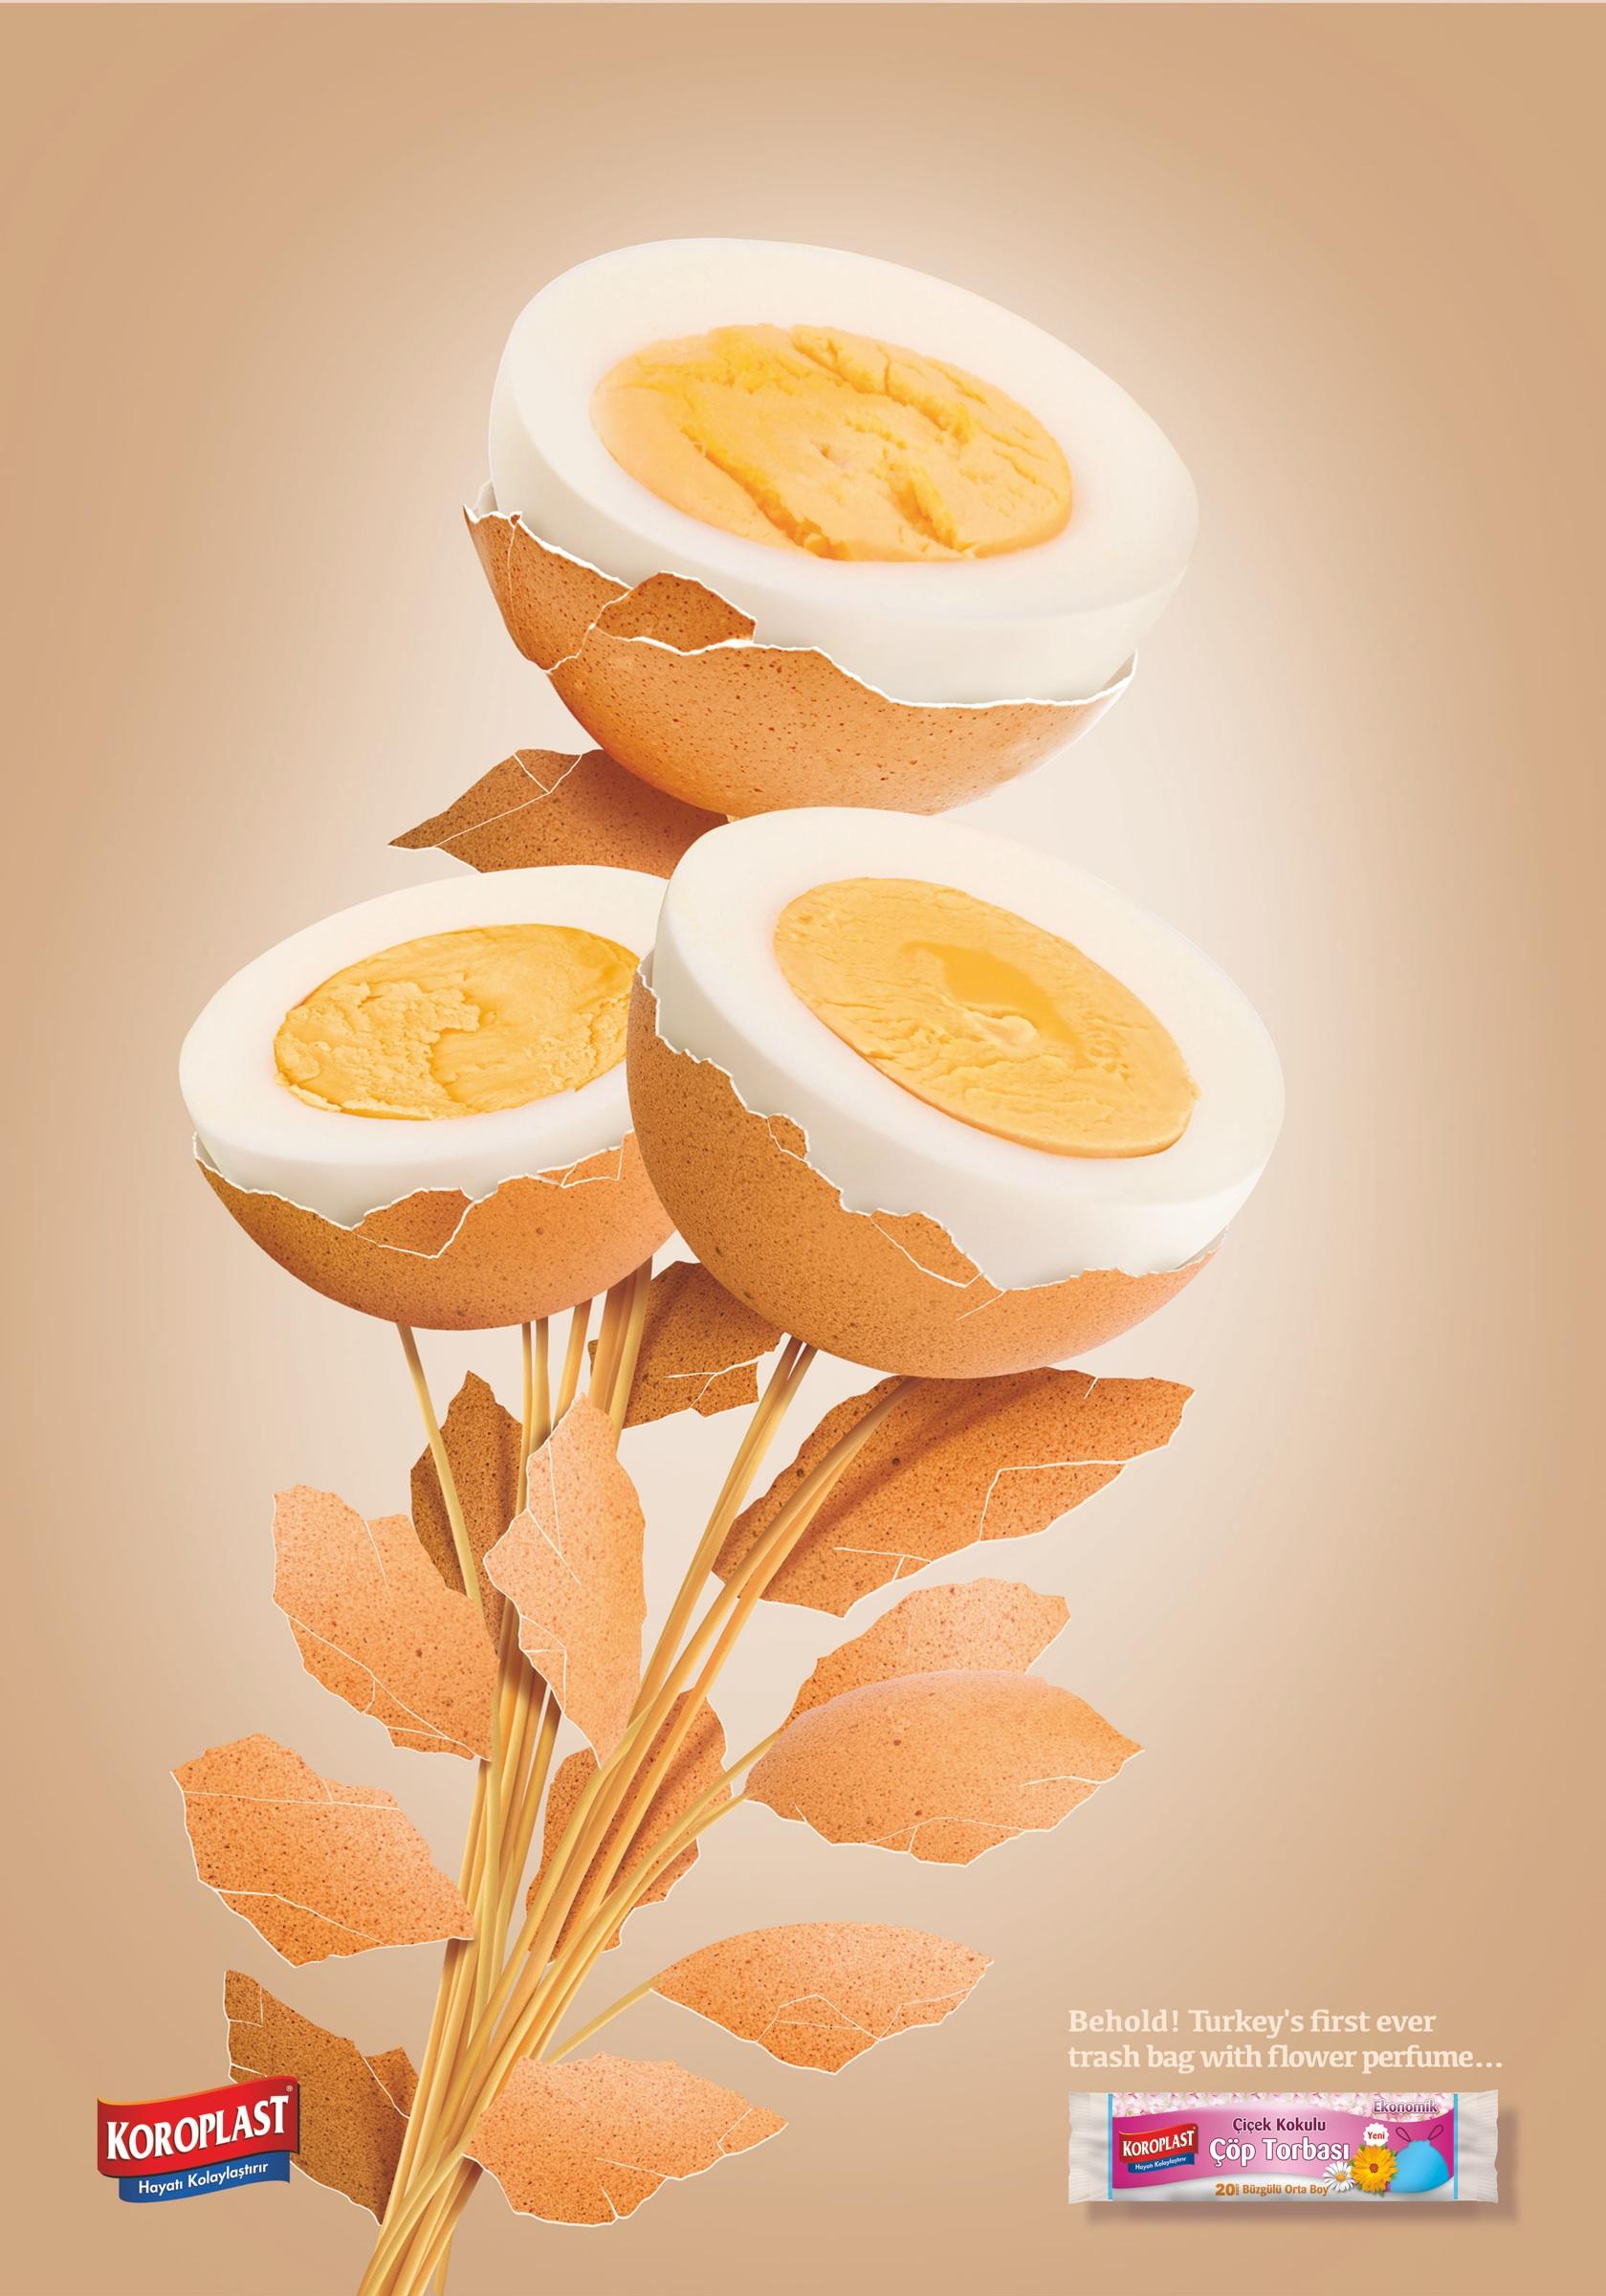 koroplast-anuncio-huevo